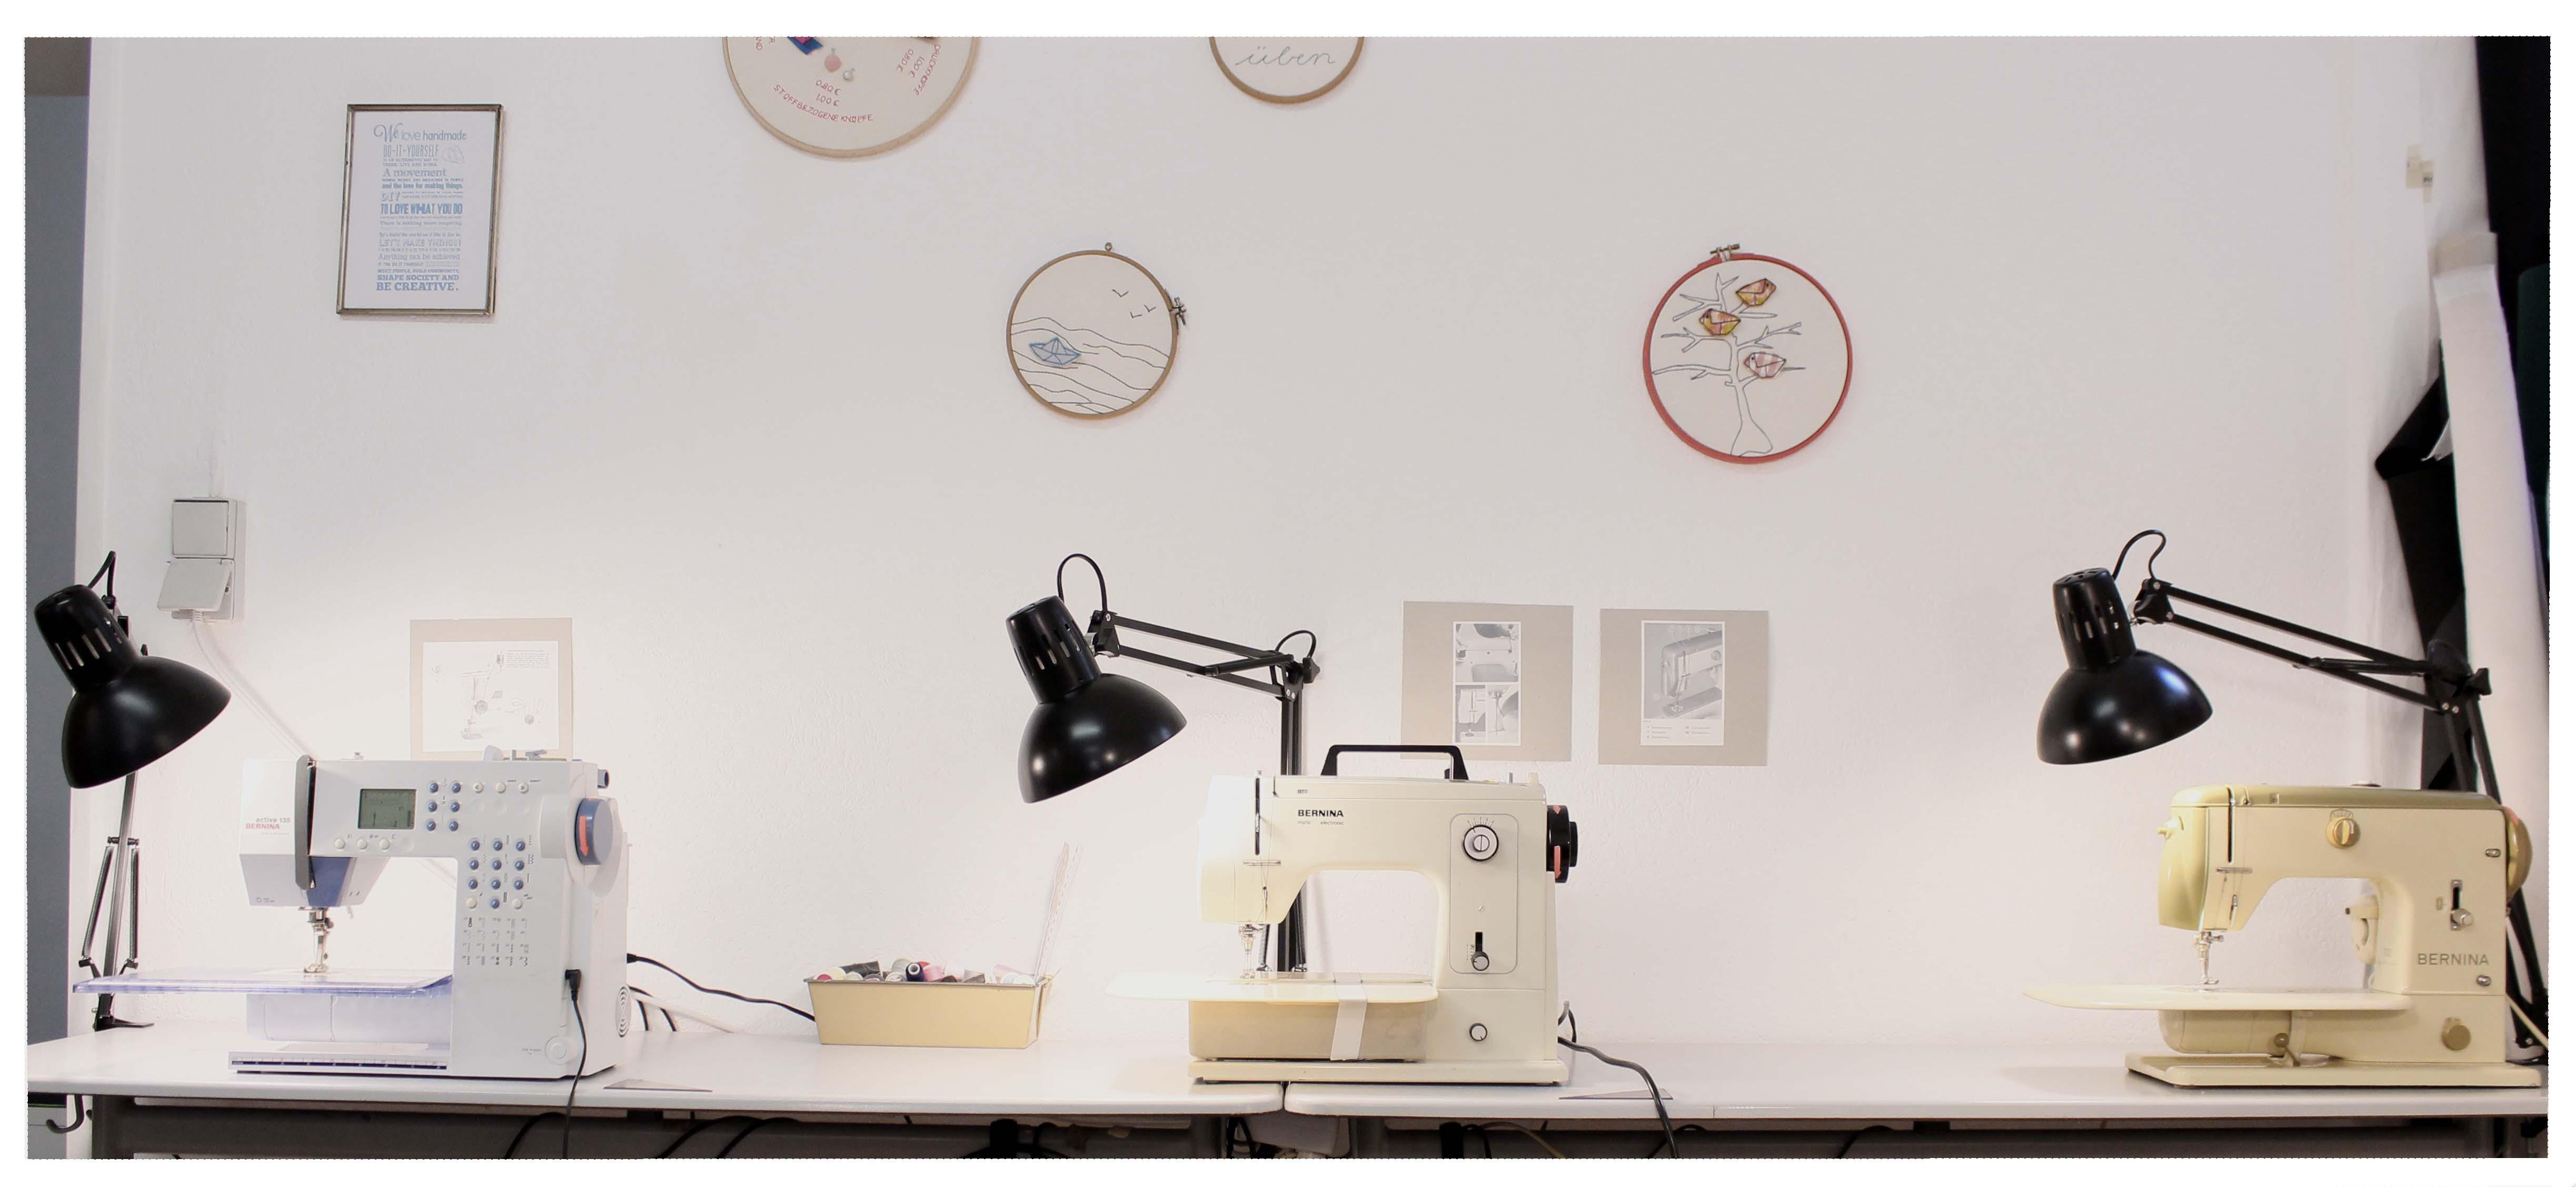 Nähmaschinen für die Nähkurse Sew It yourself